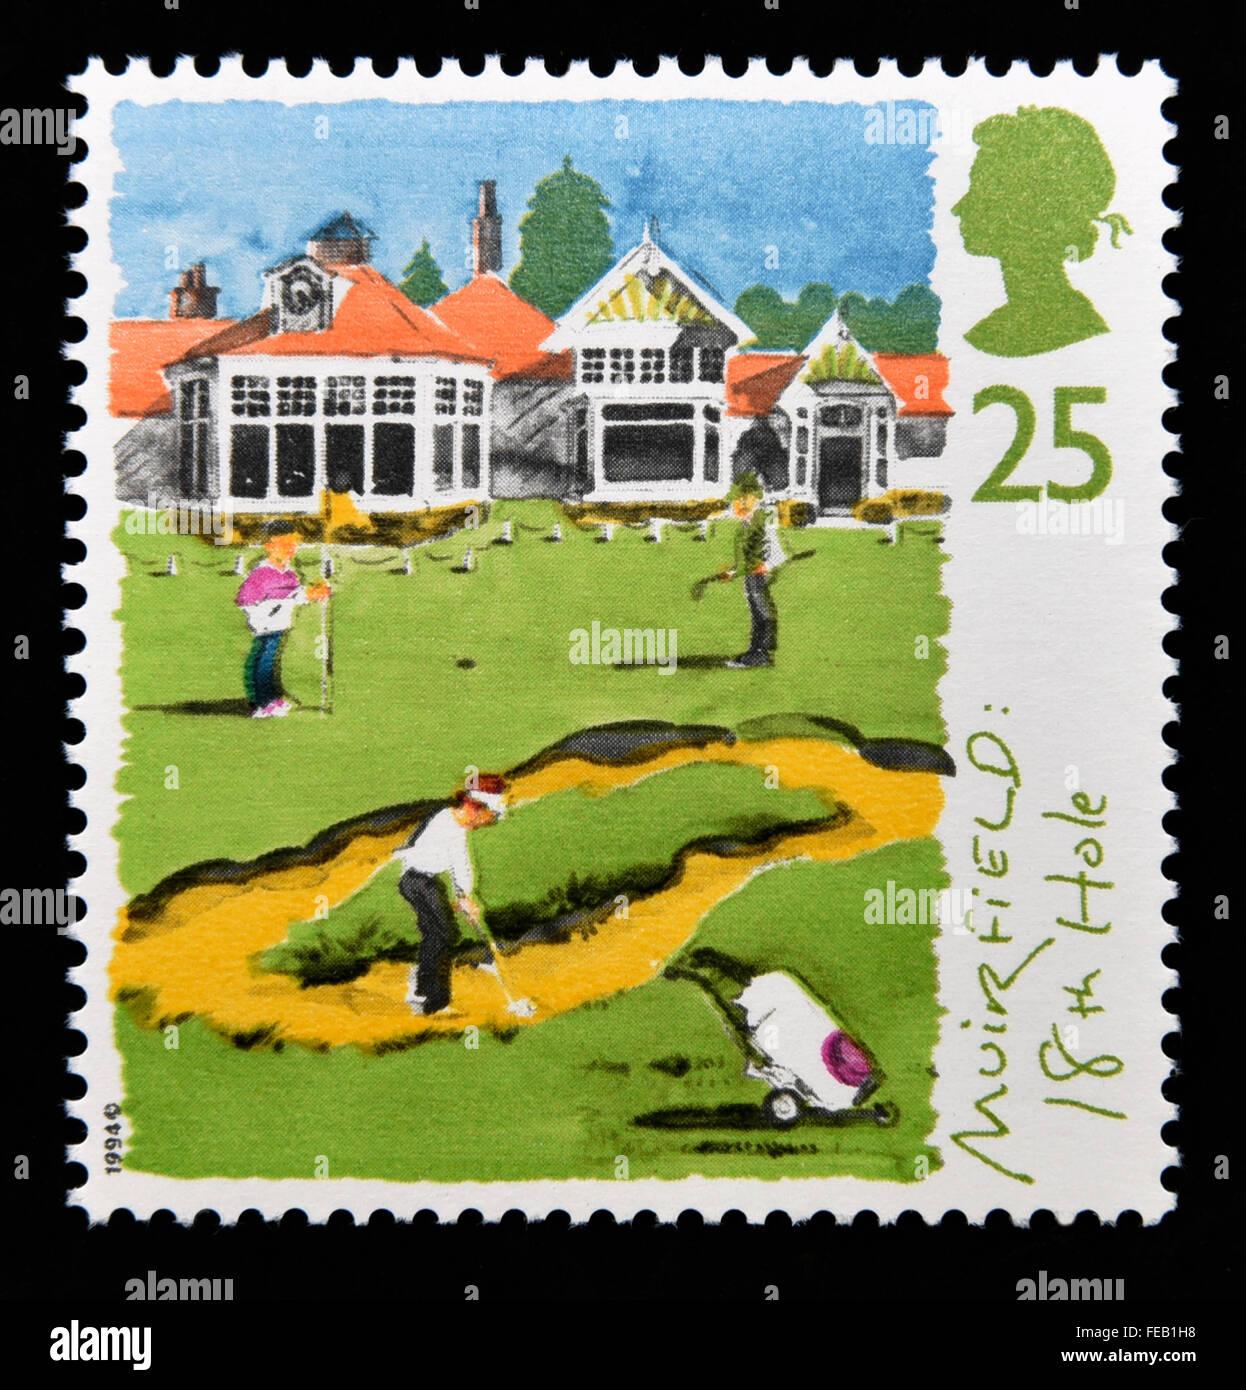 Sello de correos. Gran Bretaña. La reina Isabel II. 1994. Campos de Golf de Escocia. 25p. Foto de stock